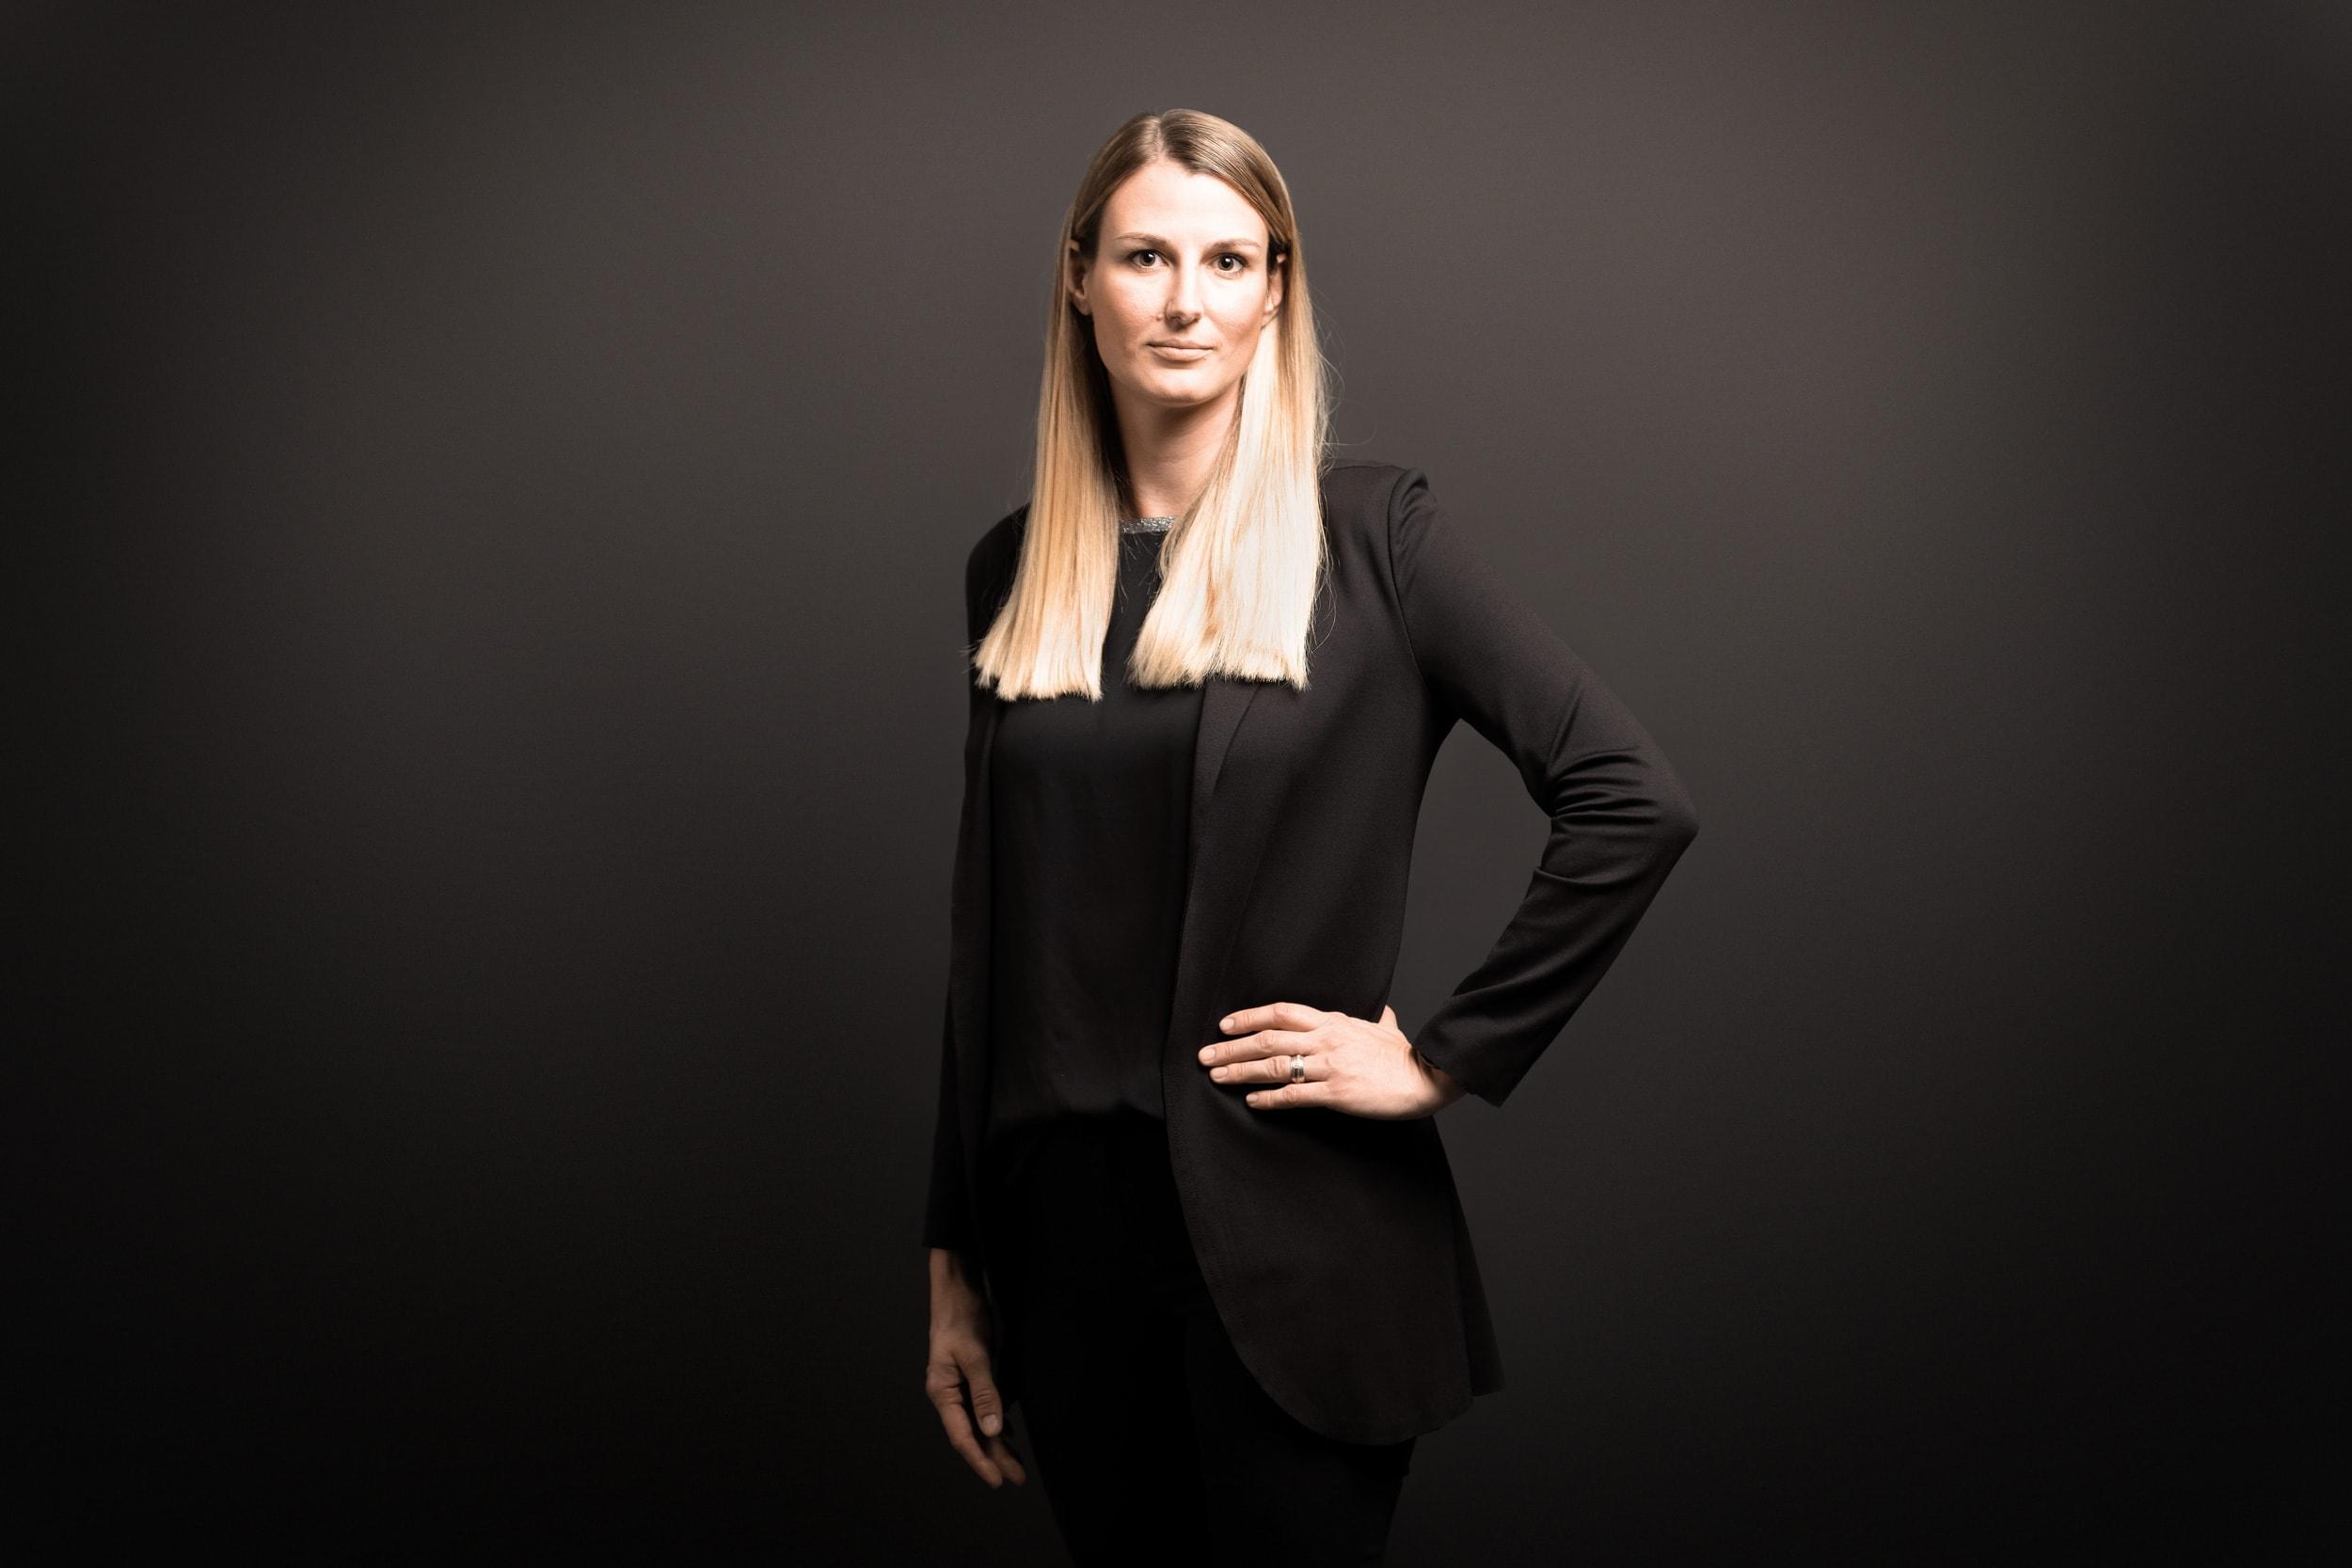 Carina Huber